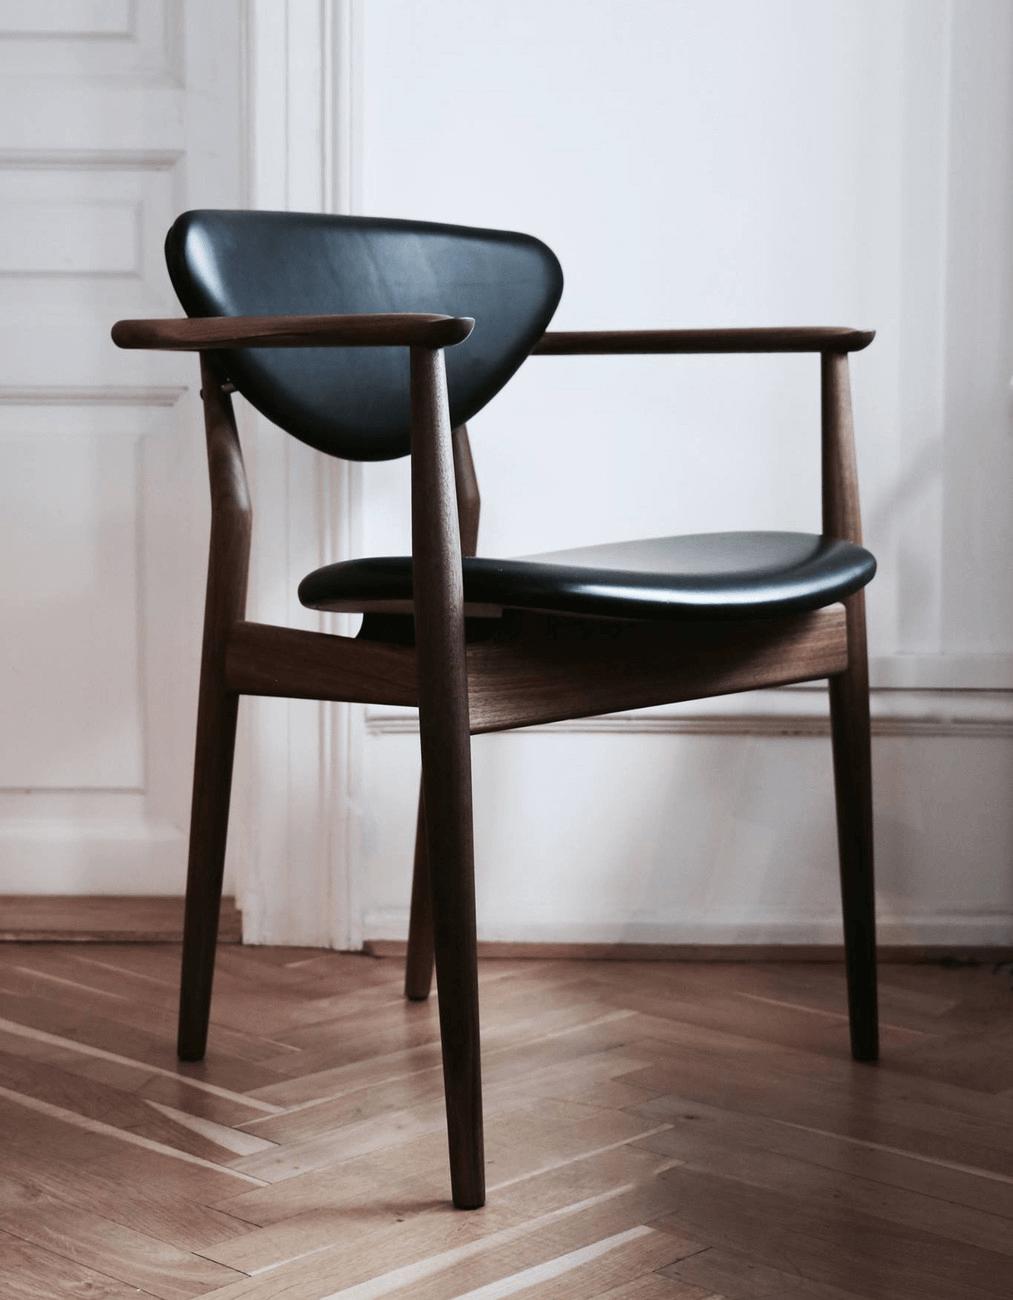 this is a 109 chair by finn juhl